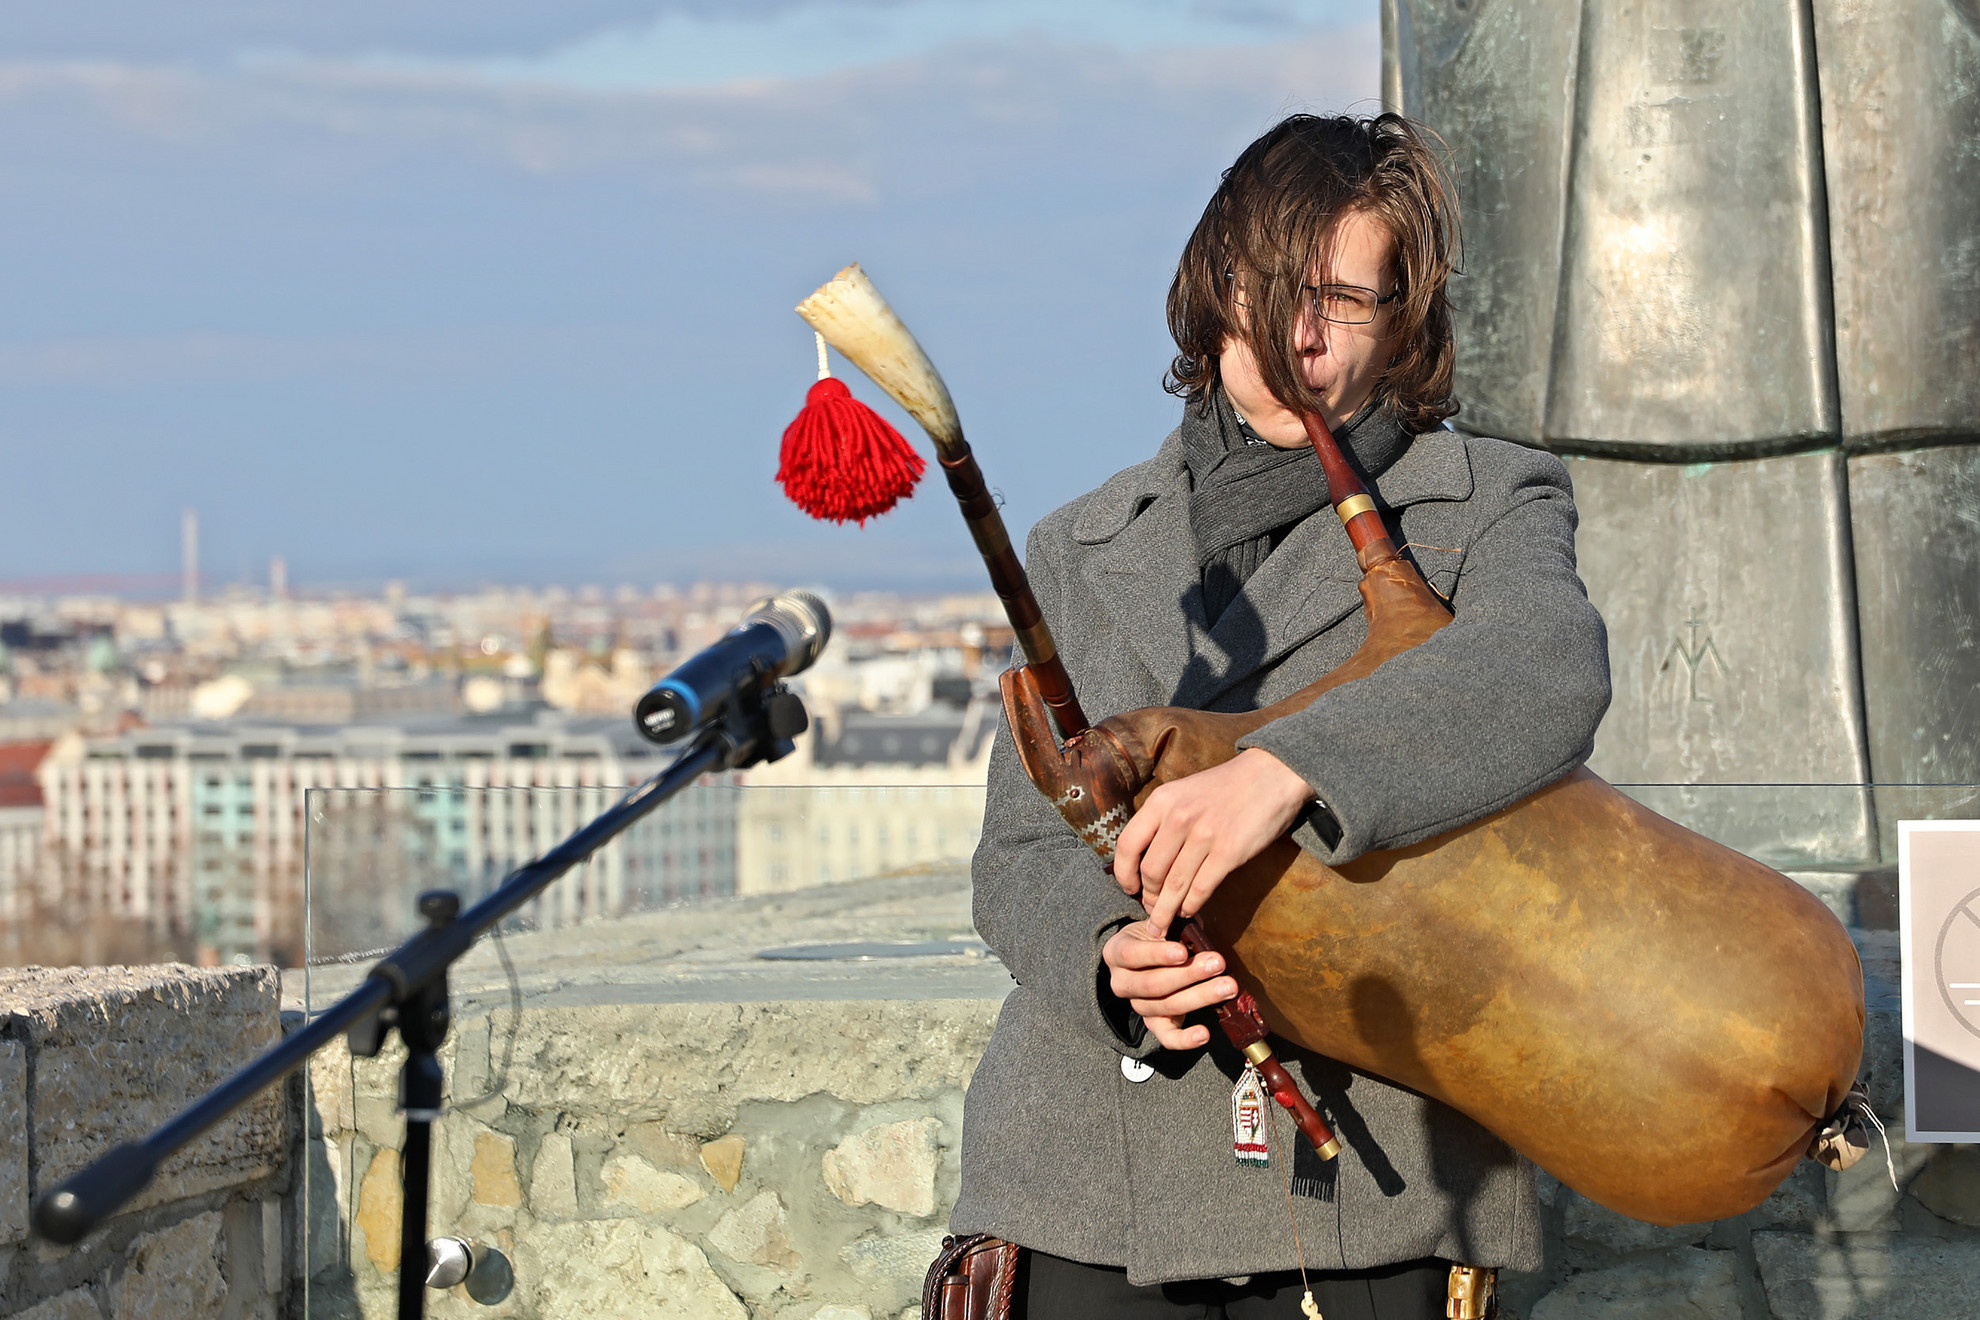 Az imádság előtt dudaszóval, régi magyar népi hangszerrel nyitottákmeg az alkalmat (A képre kattintva lapozhatók a galéria fotói)